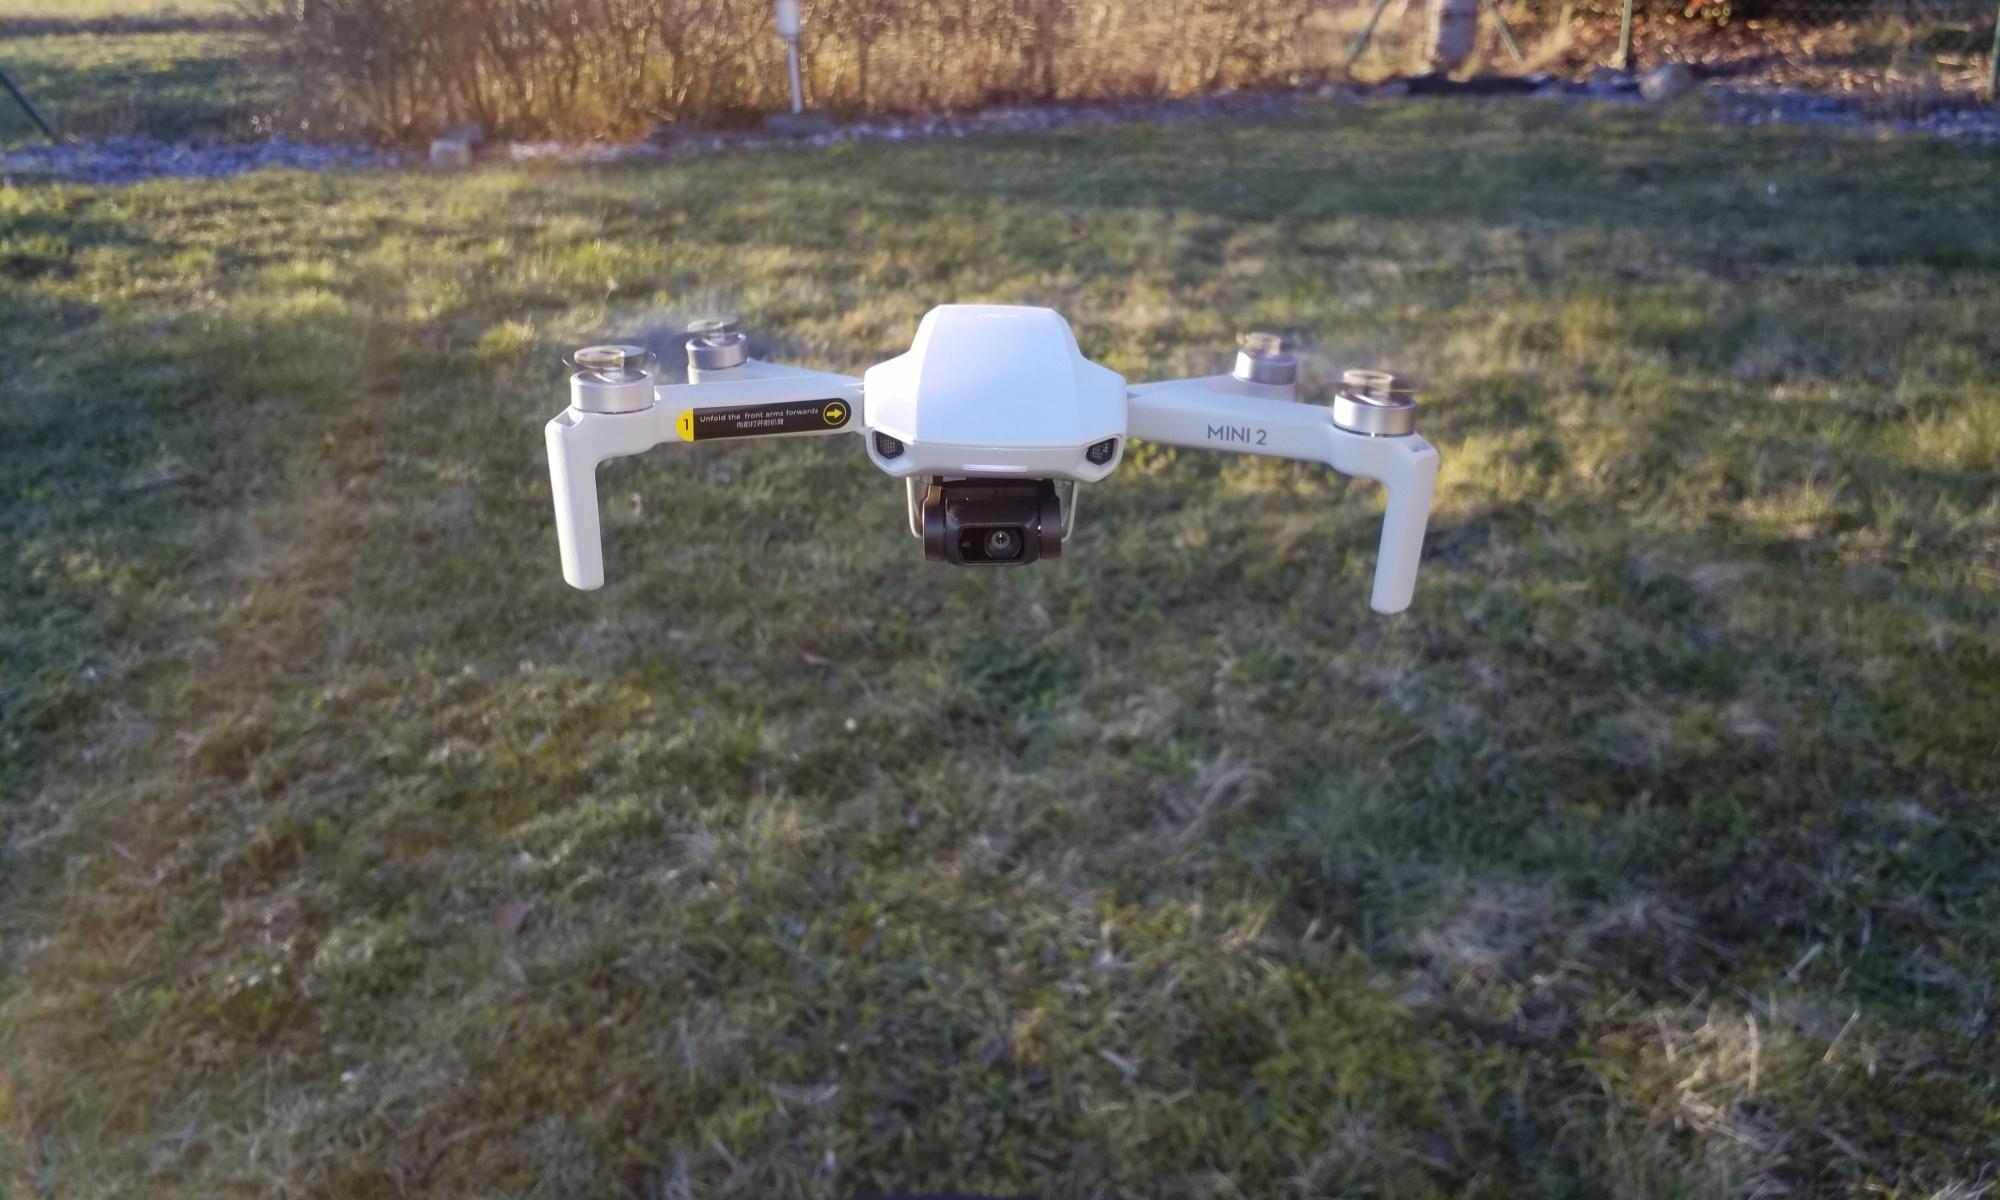 höher, weiter Multicopter